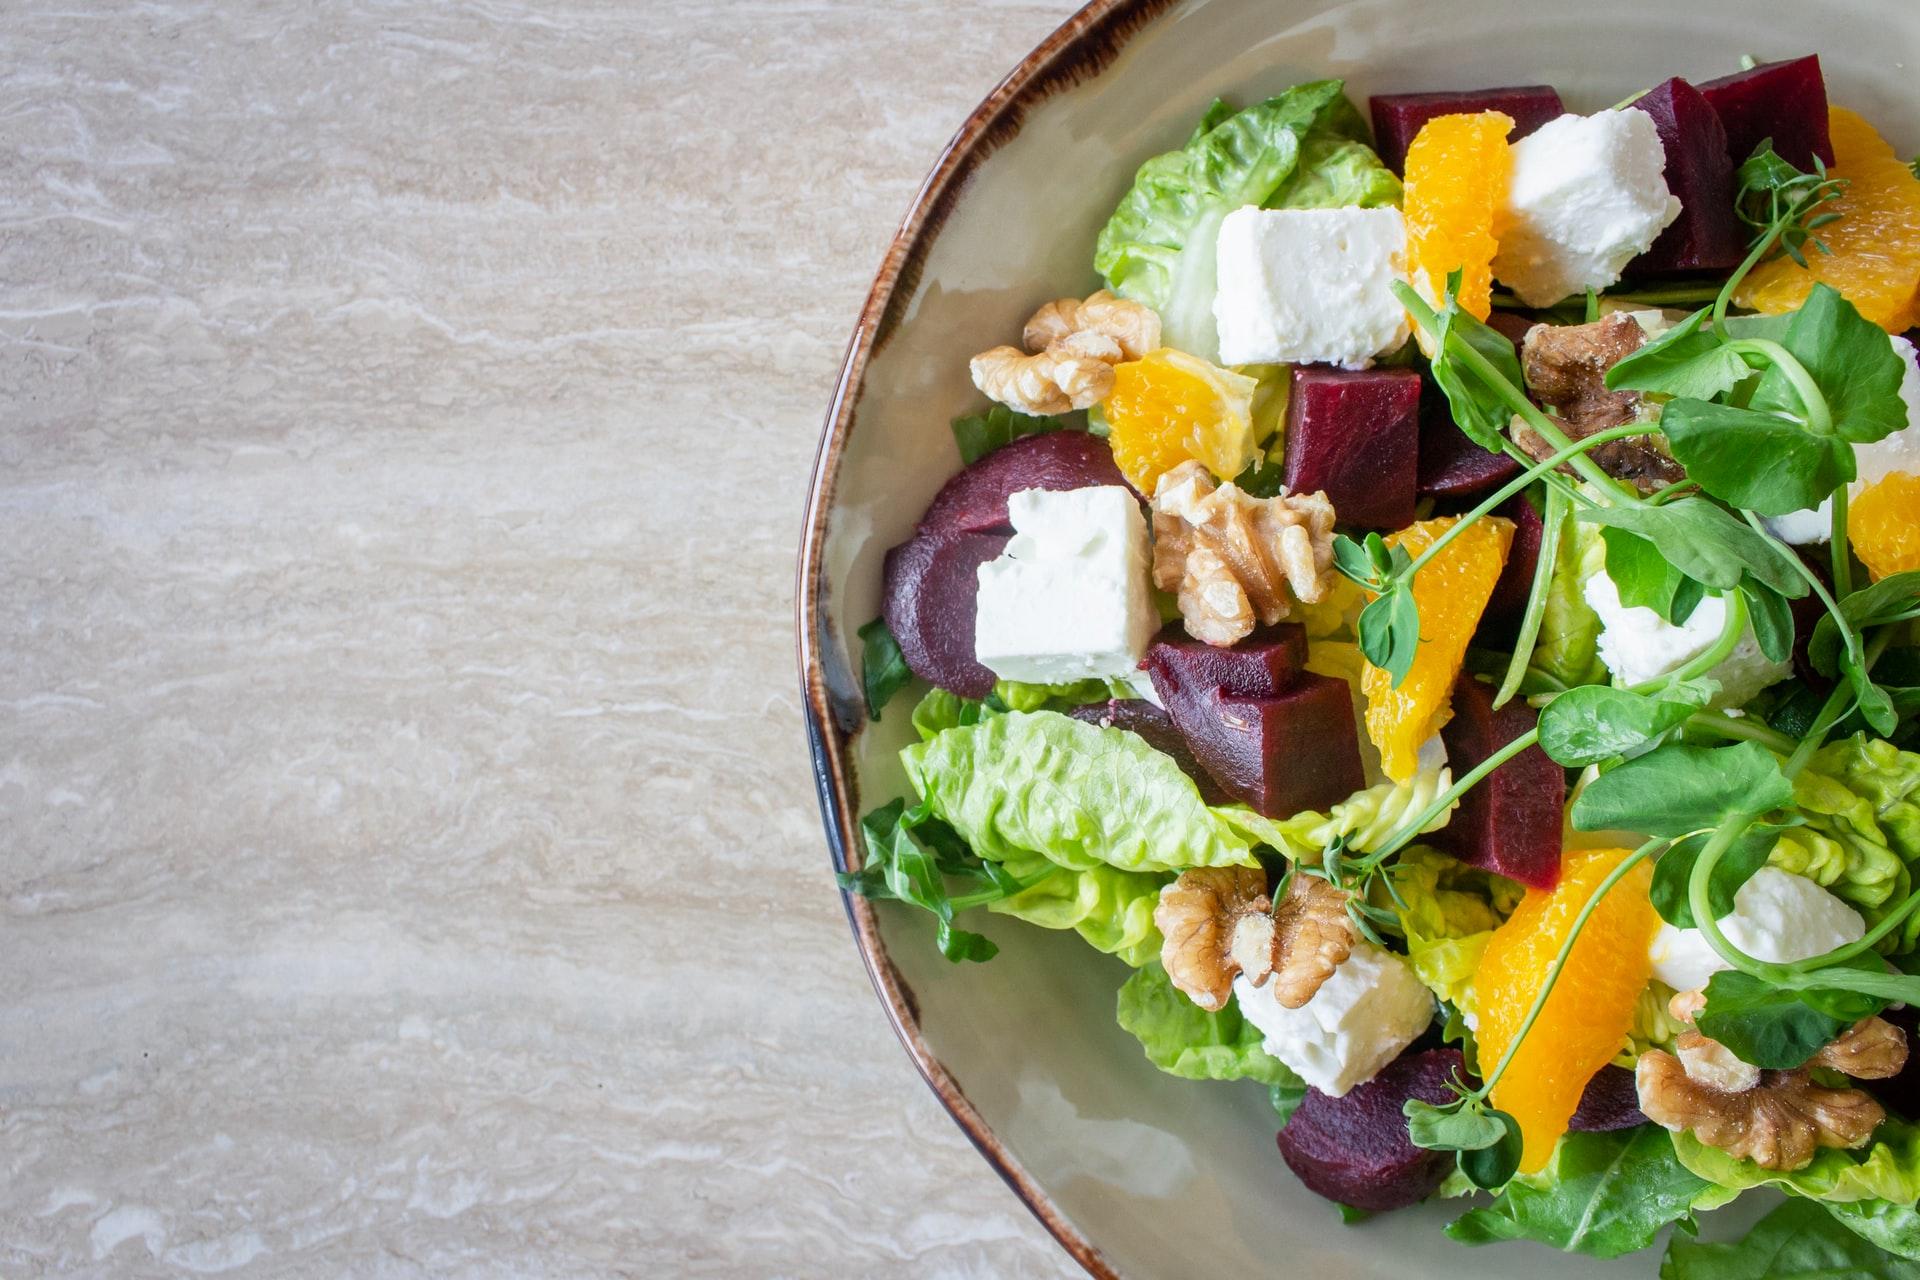 野菜サラダはニキビを悪化させる